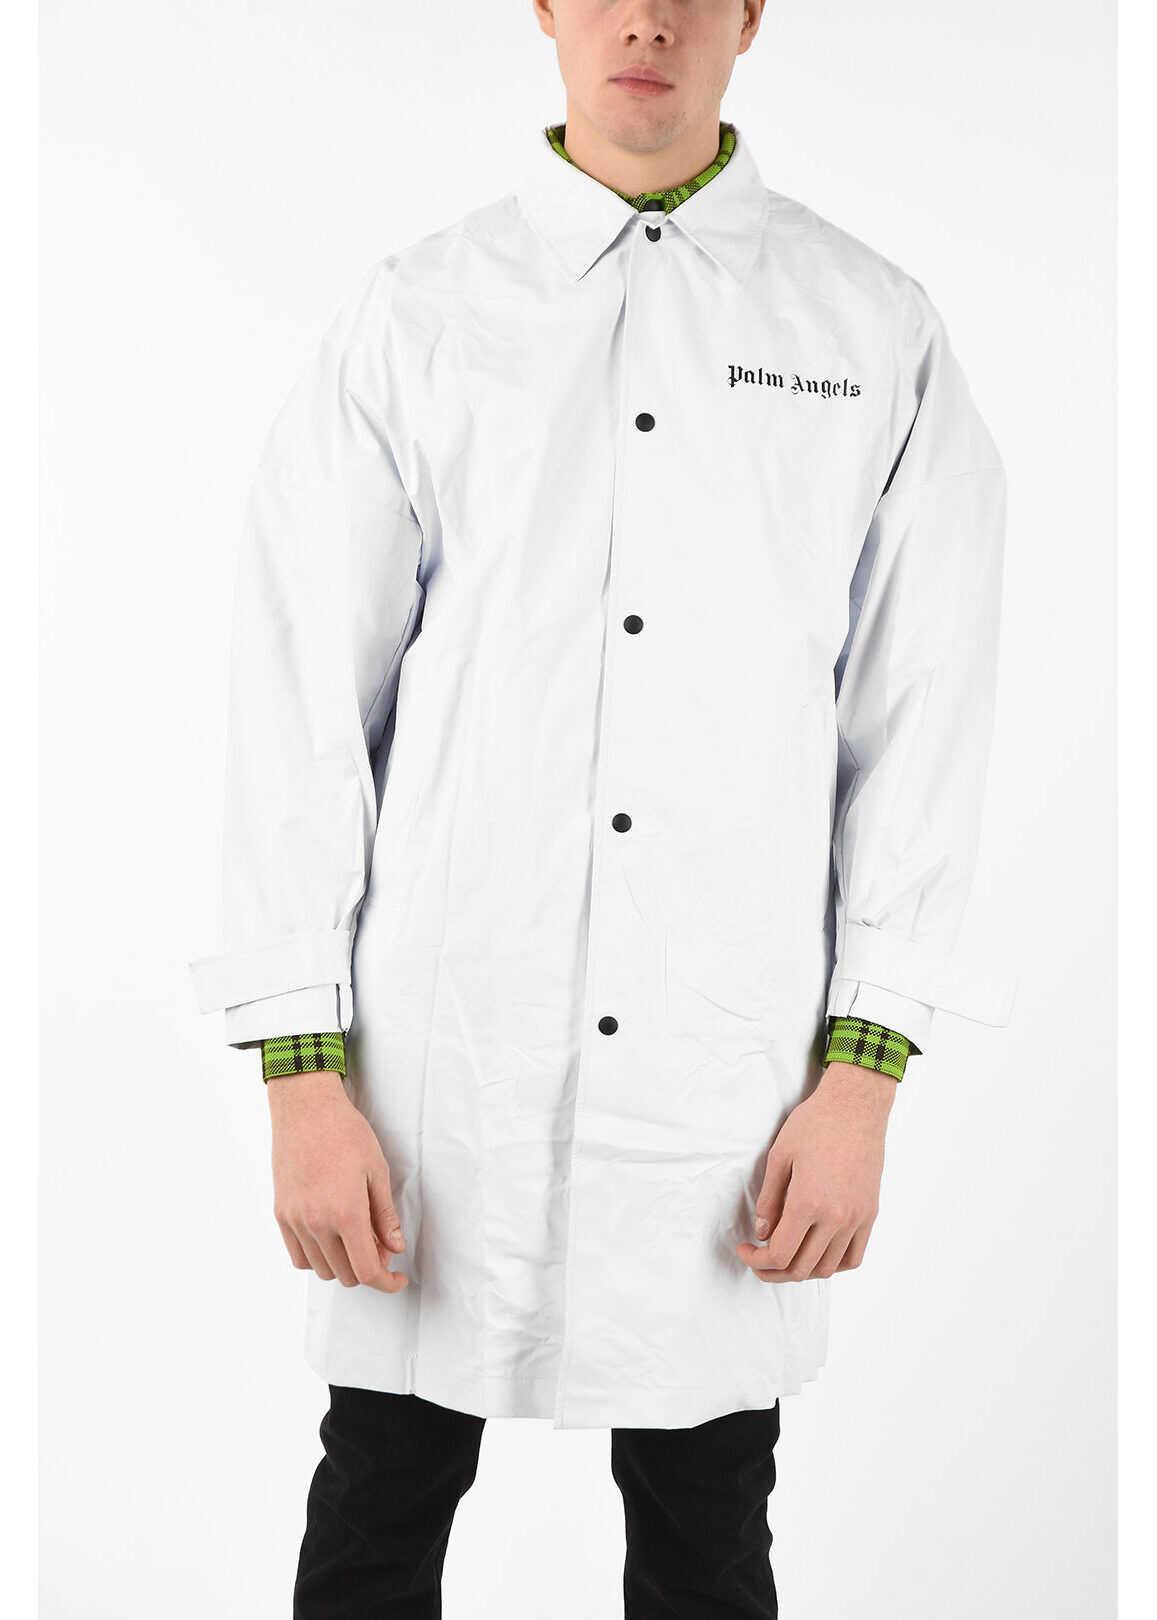 Palm Angels Printed Oversized Raincoat WHITE imagine